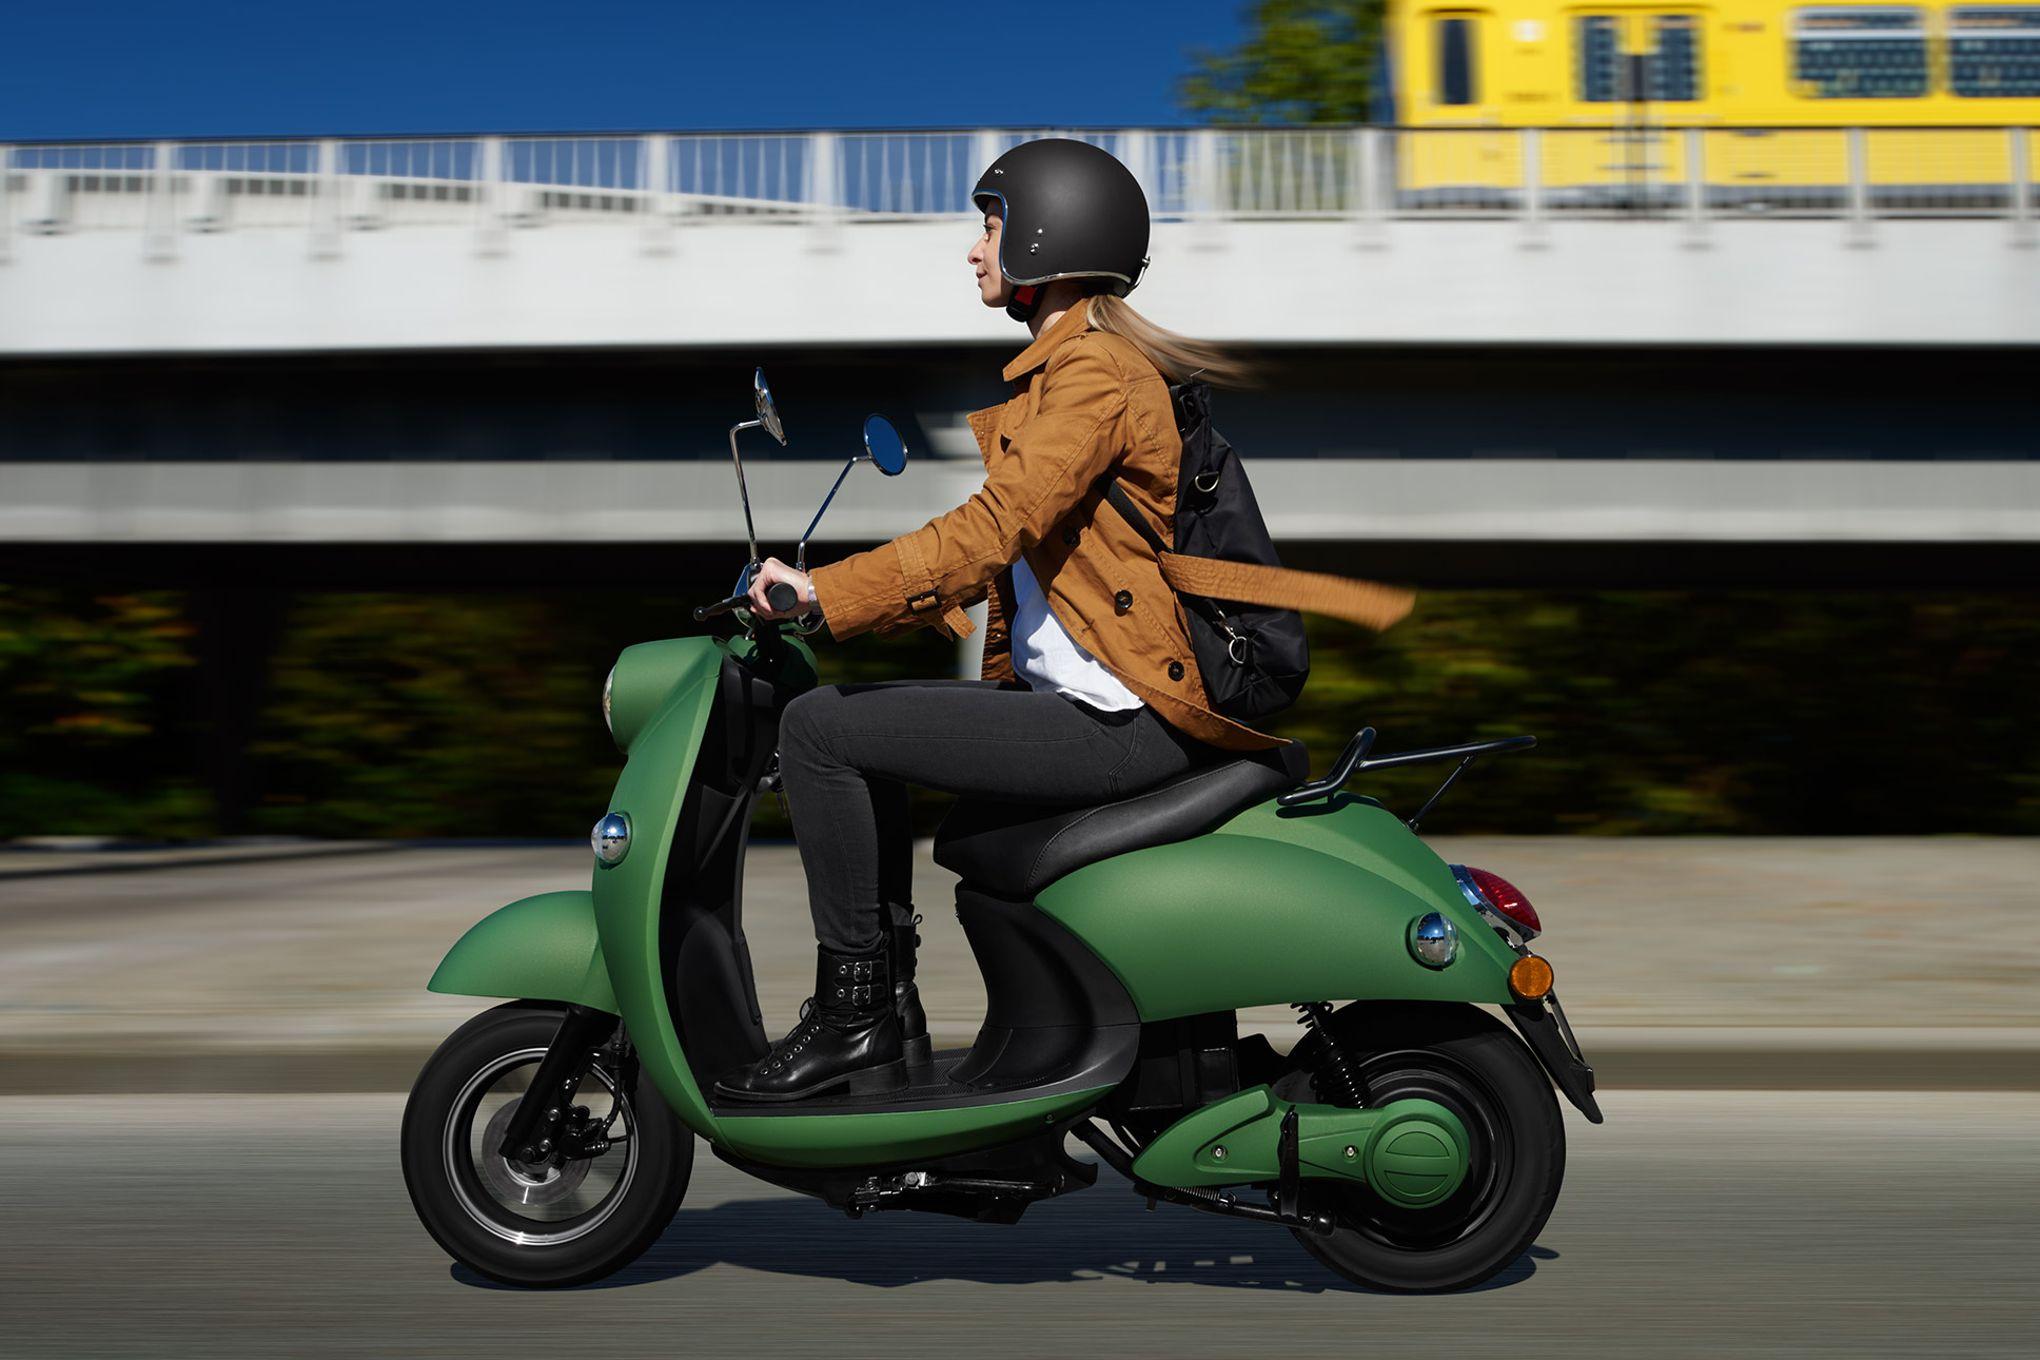 meilleur maxi scooter 125 du marché